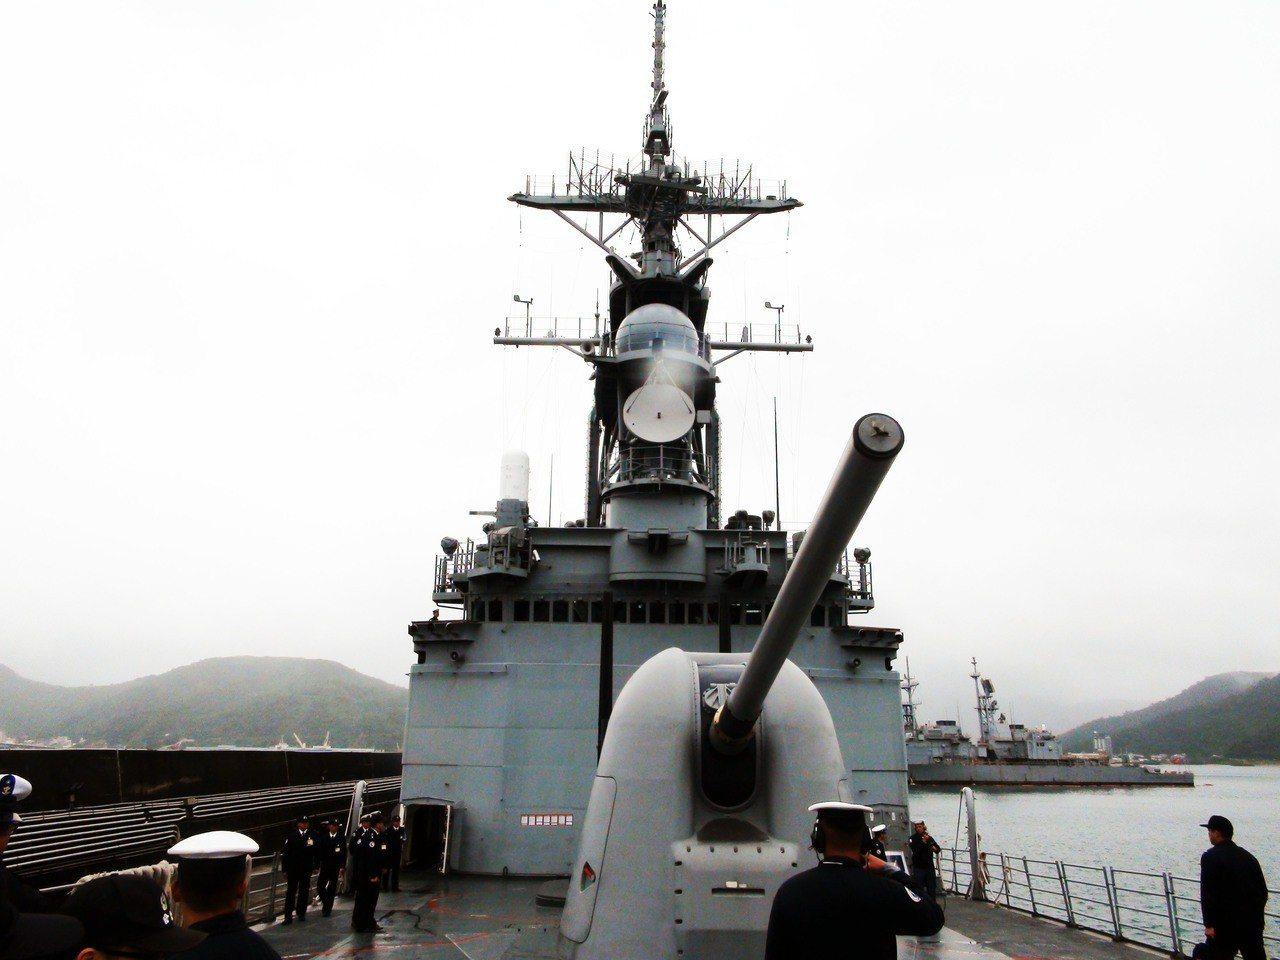 泊靠在蘇澳軍港的基隆級馬公軍艦,日前展示艦上五吋砲與發射標一、標二防空飛彈與反潛...